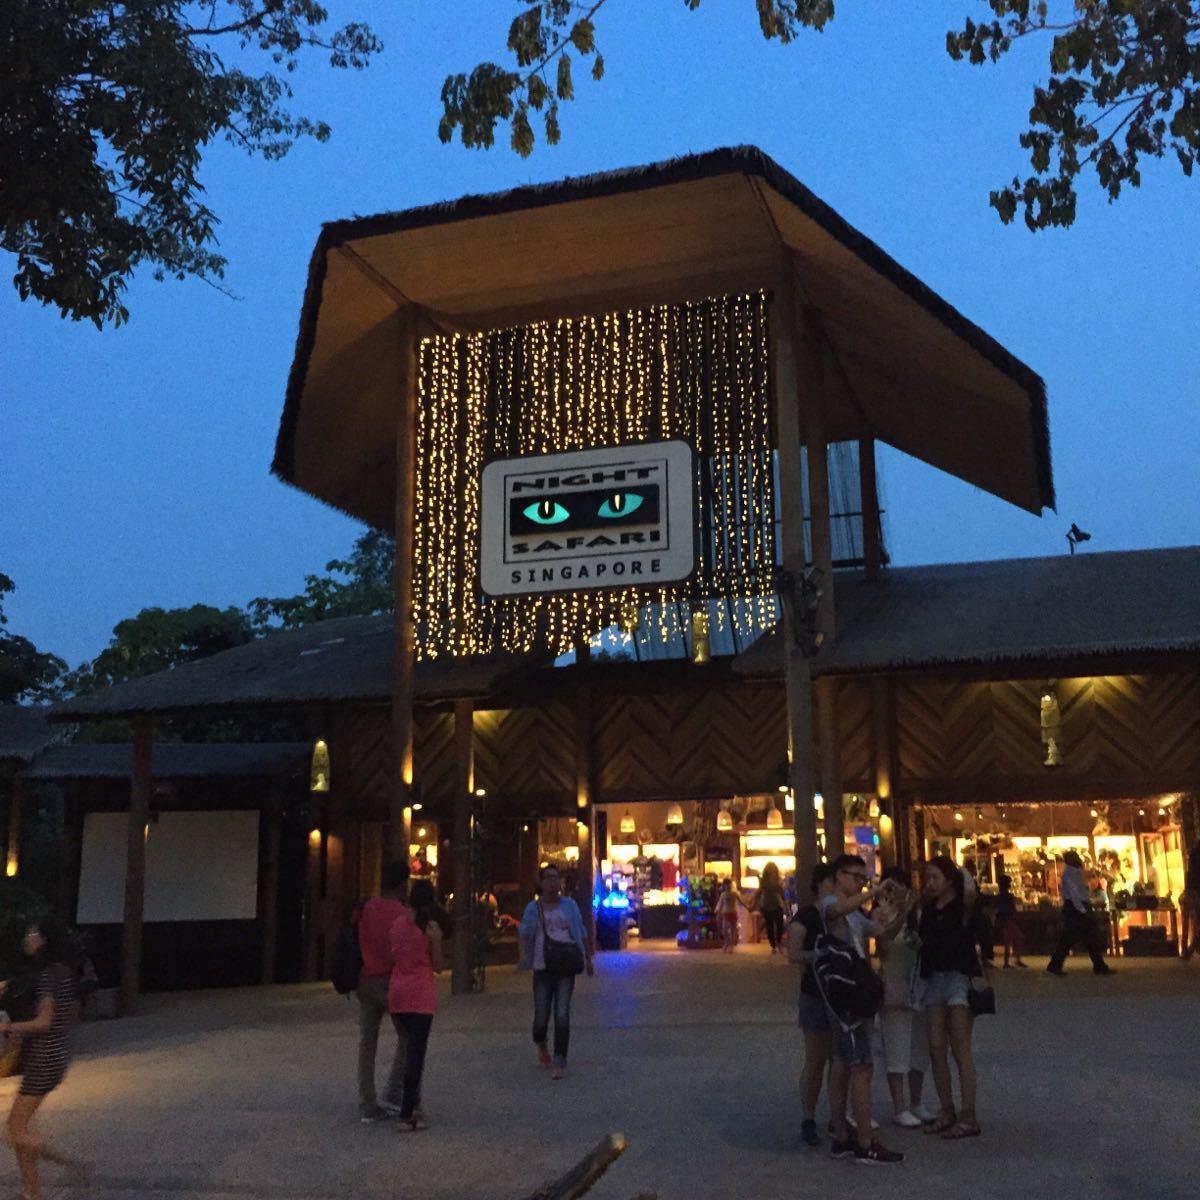 【携程攻略】新加坡新加坡夜间野生动物园娱乐点